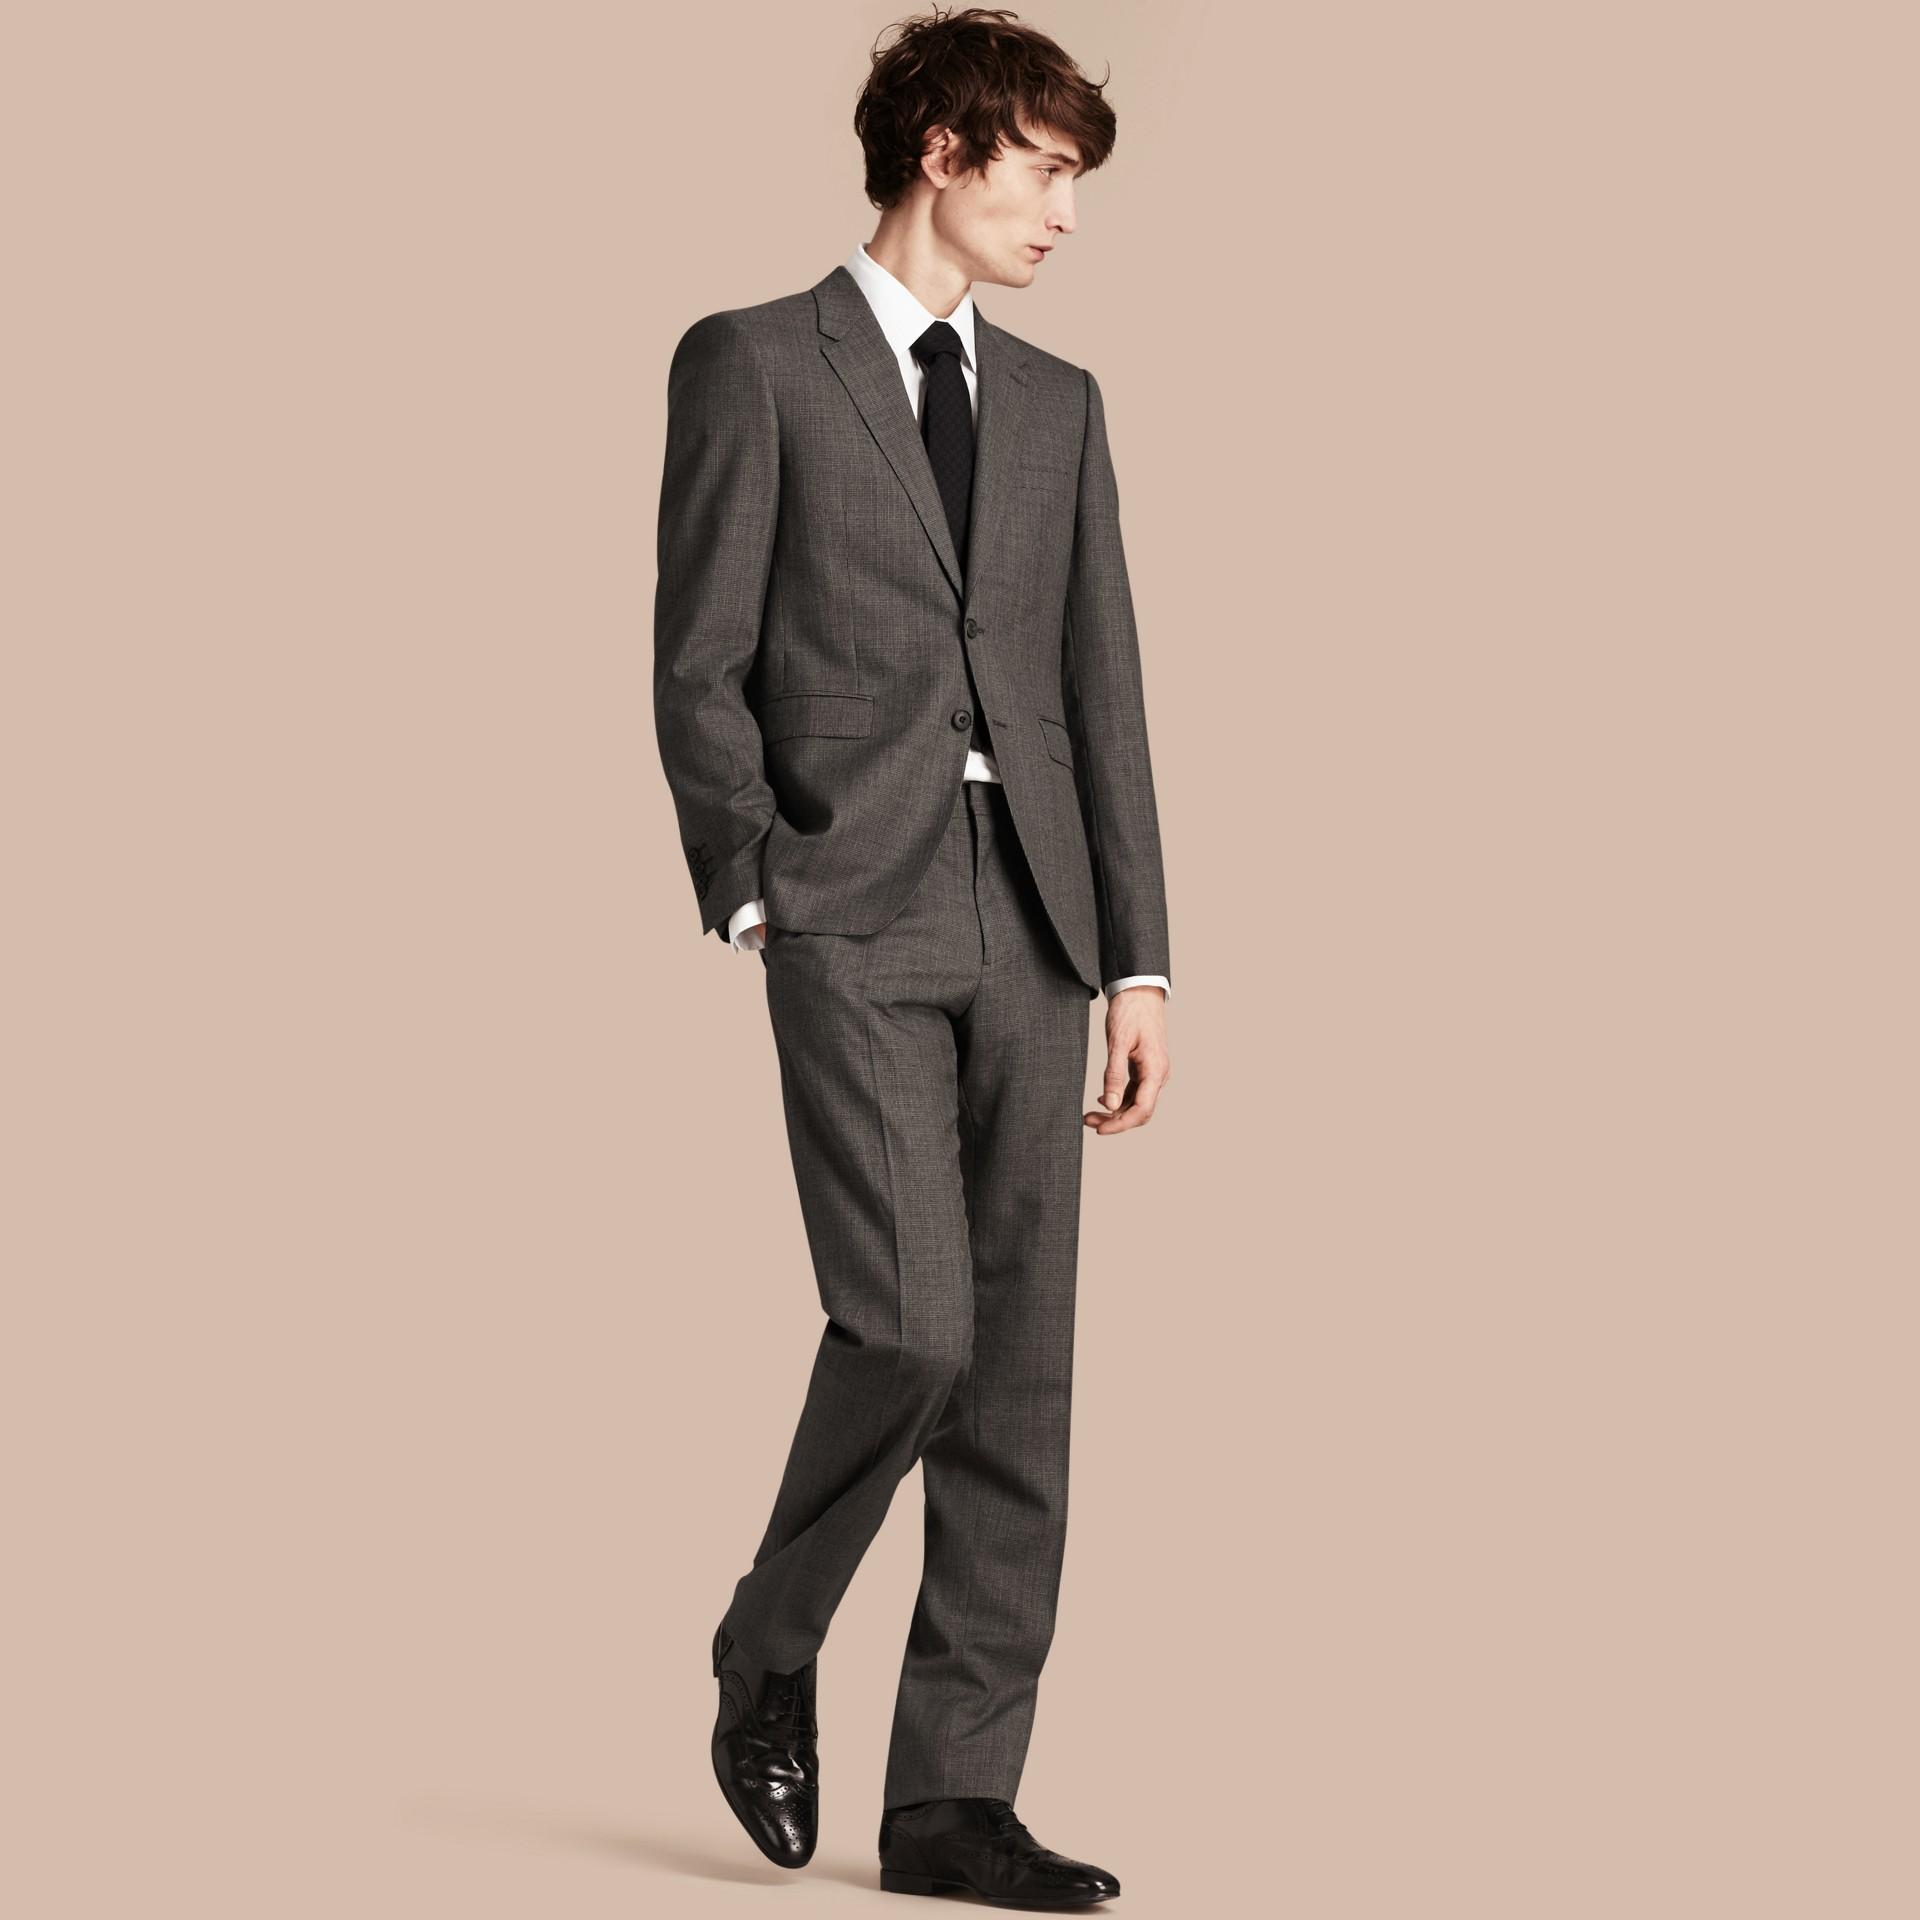 Mittelgrau meliert Modern geschnittener Anzug aus Wolle und Kaschmir mit Micro Check-Muster - Galerie-Bild 1